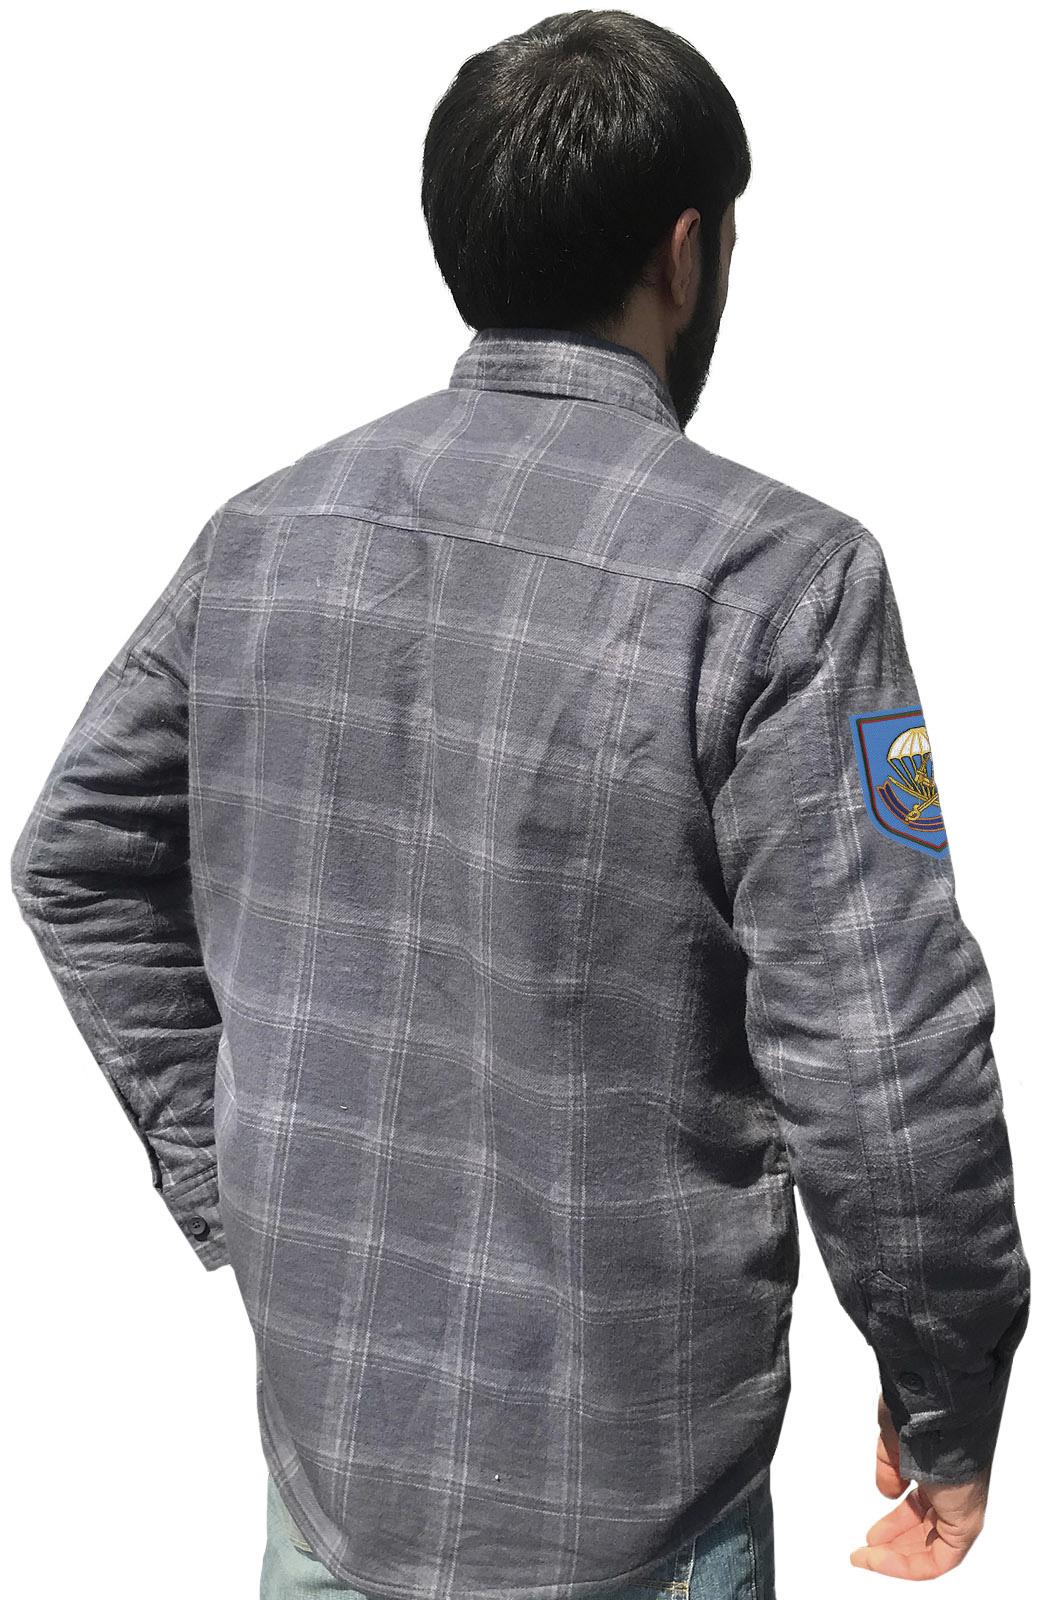 Купить теплую рубашку с вышитым шевроном 217 ПДП ВДВ в подарок мужчине